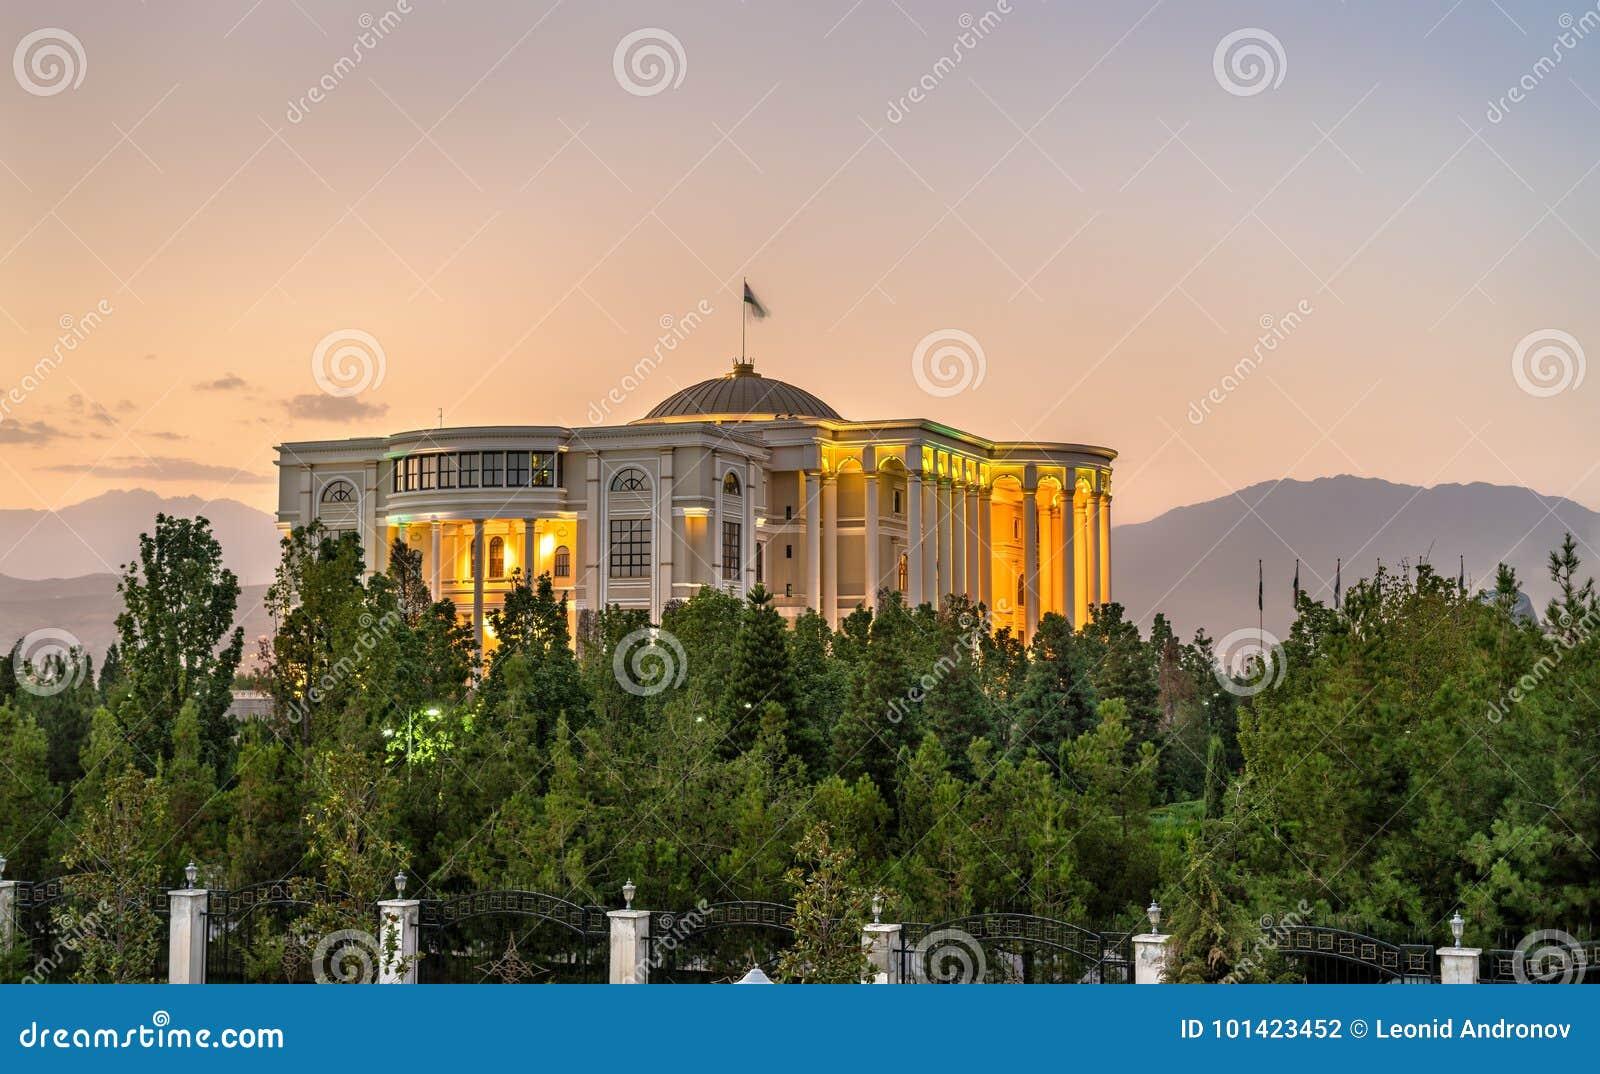 国家宫殿,塔吉克斯坦的总统的住所,在杜尚别